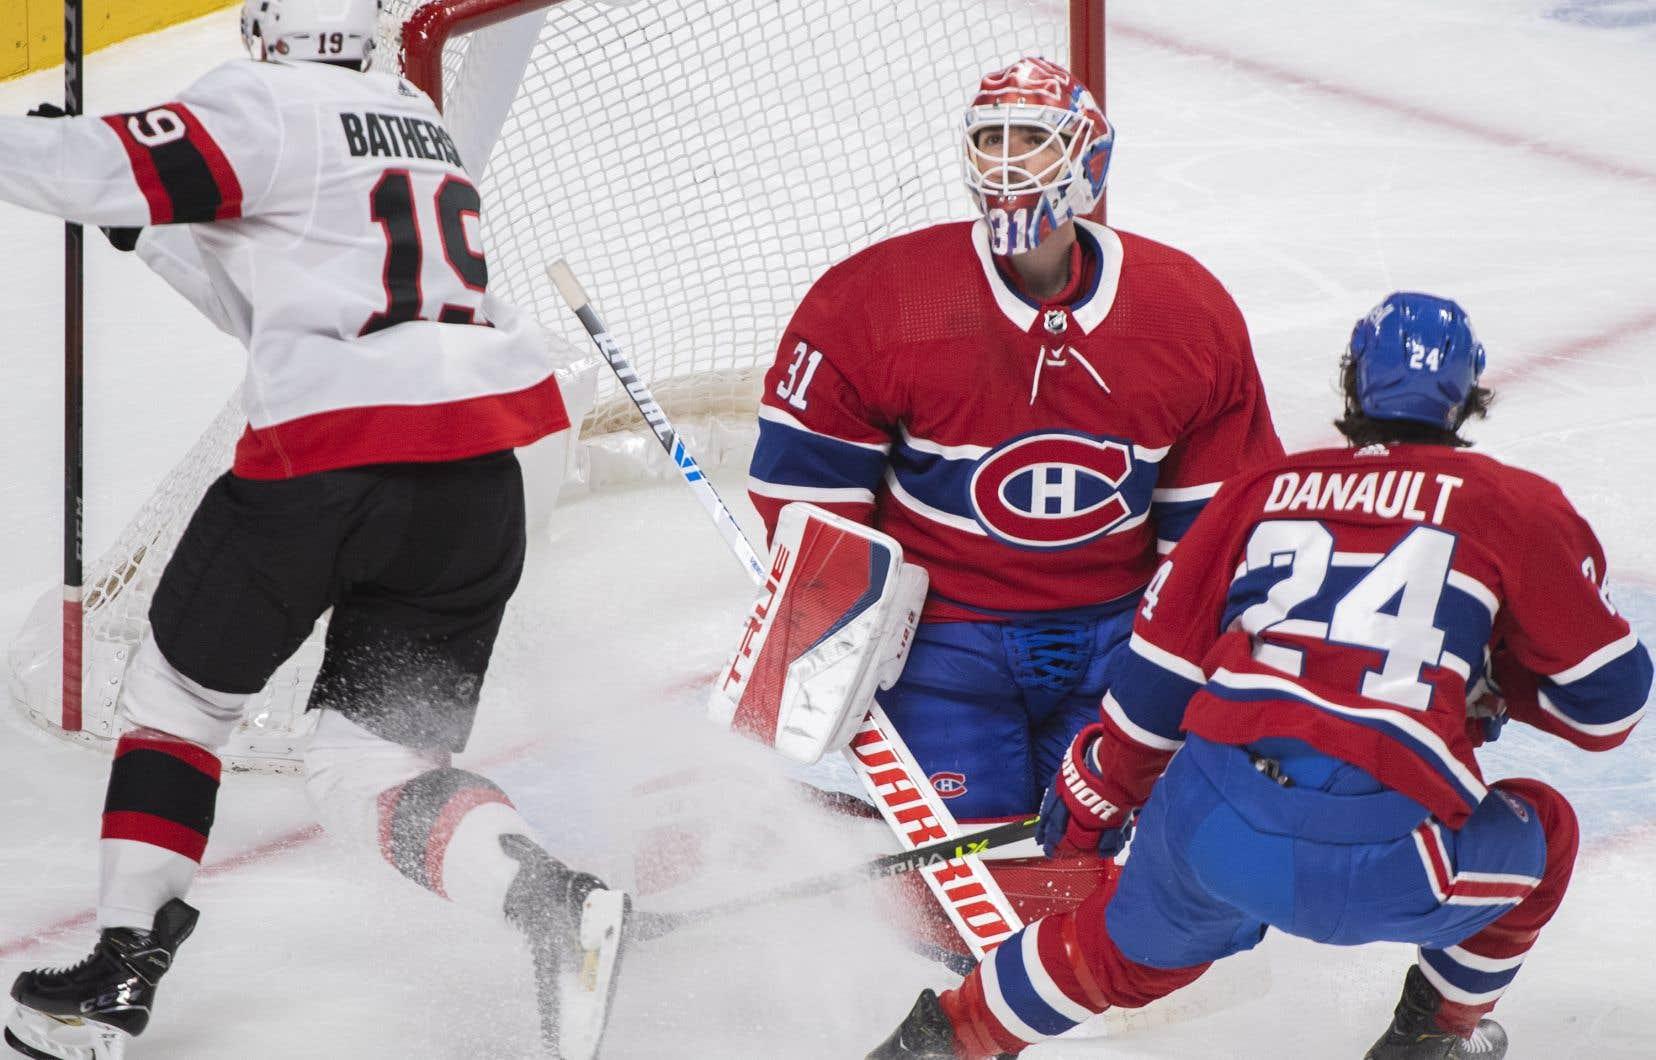 Le retour au jeu de Carey Price après une absence de six rencontres n'a rien fait pour relancer l'équipe, samedi, alors qu'elle a encaissé une gênante défaite de 4-0 face aux Sénateurs d'Ottawa.